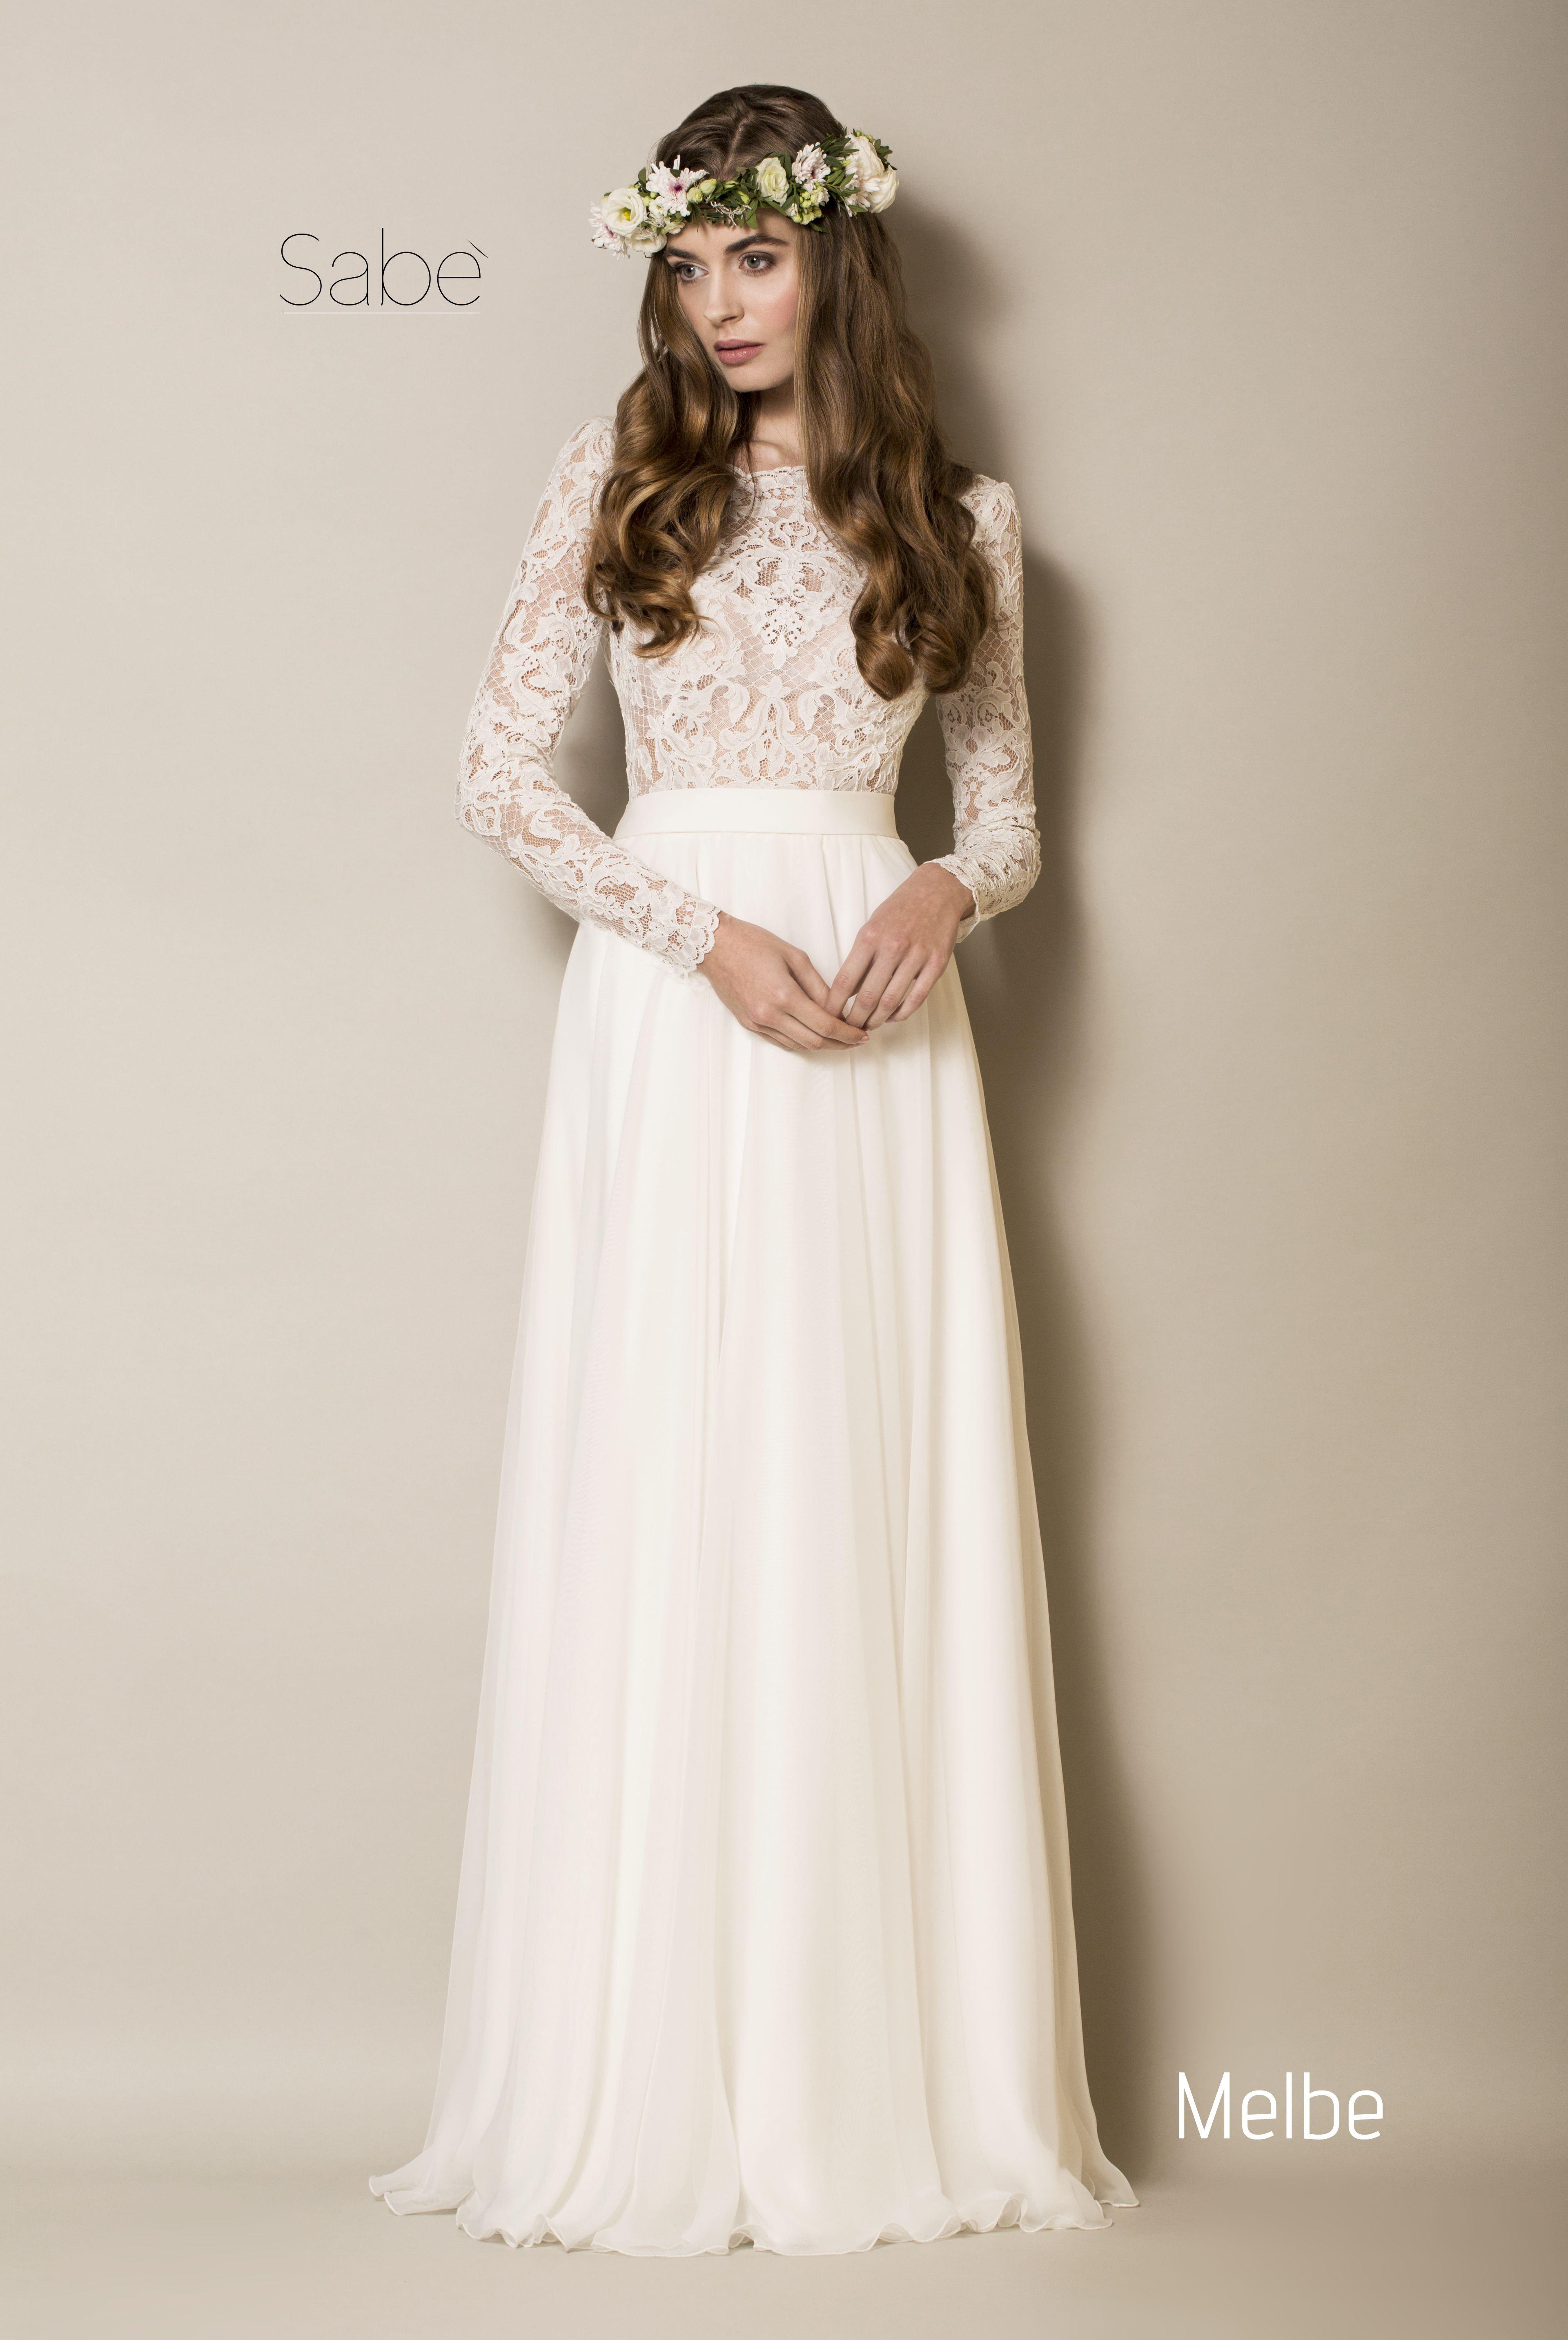 e416c7d182 suknia ślubna boho zwiewna 2016 Sabe długi rękaw romantyczna koronka ...